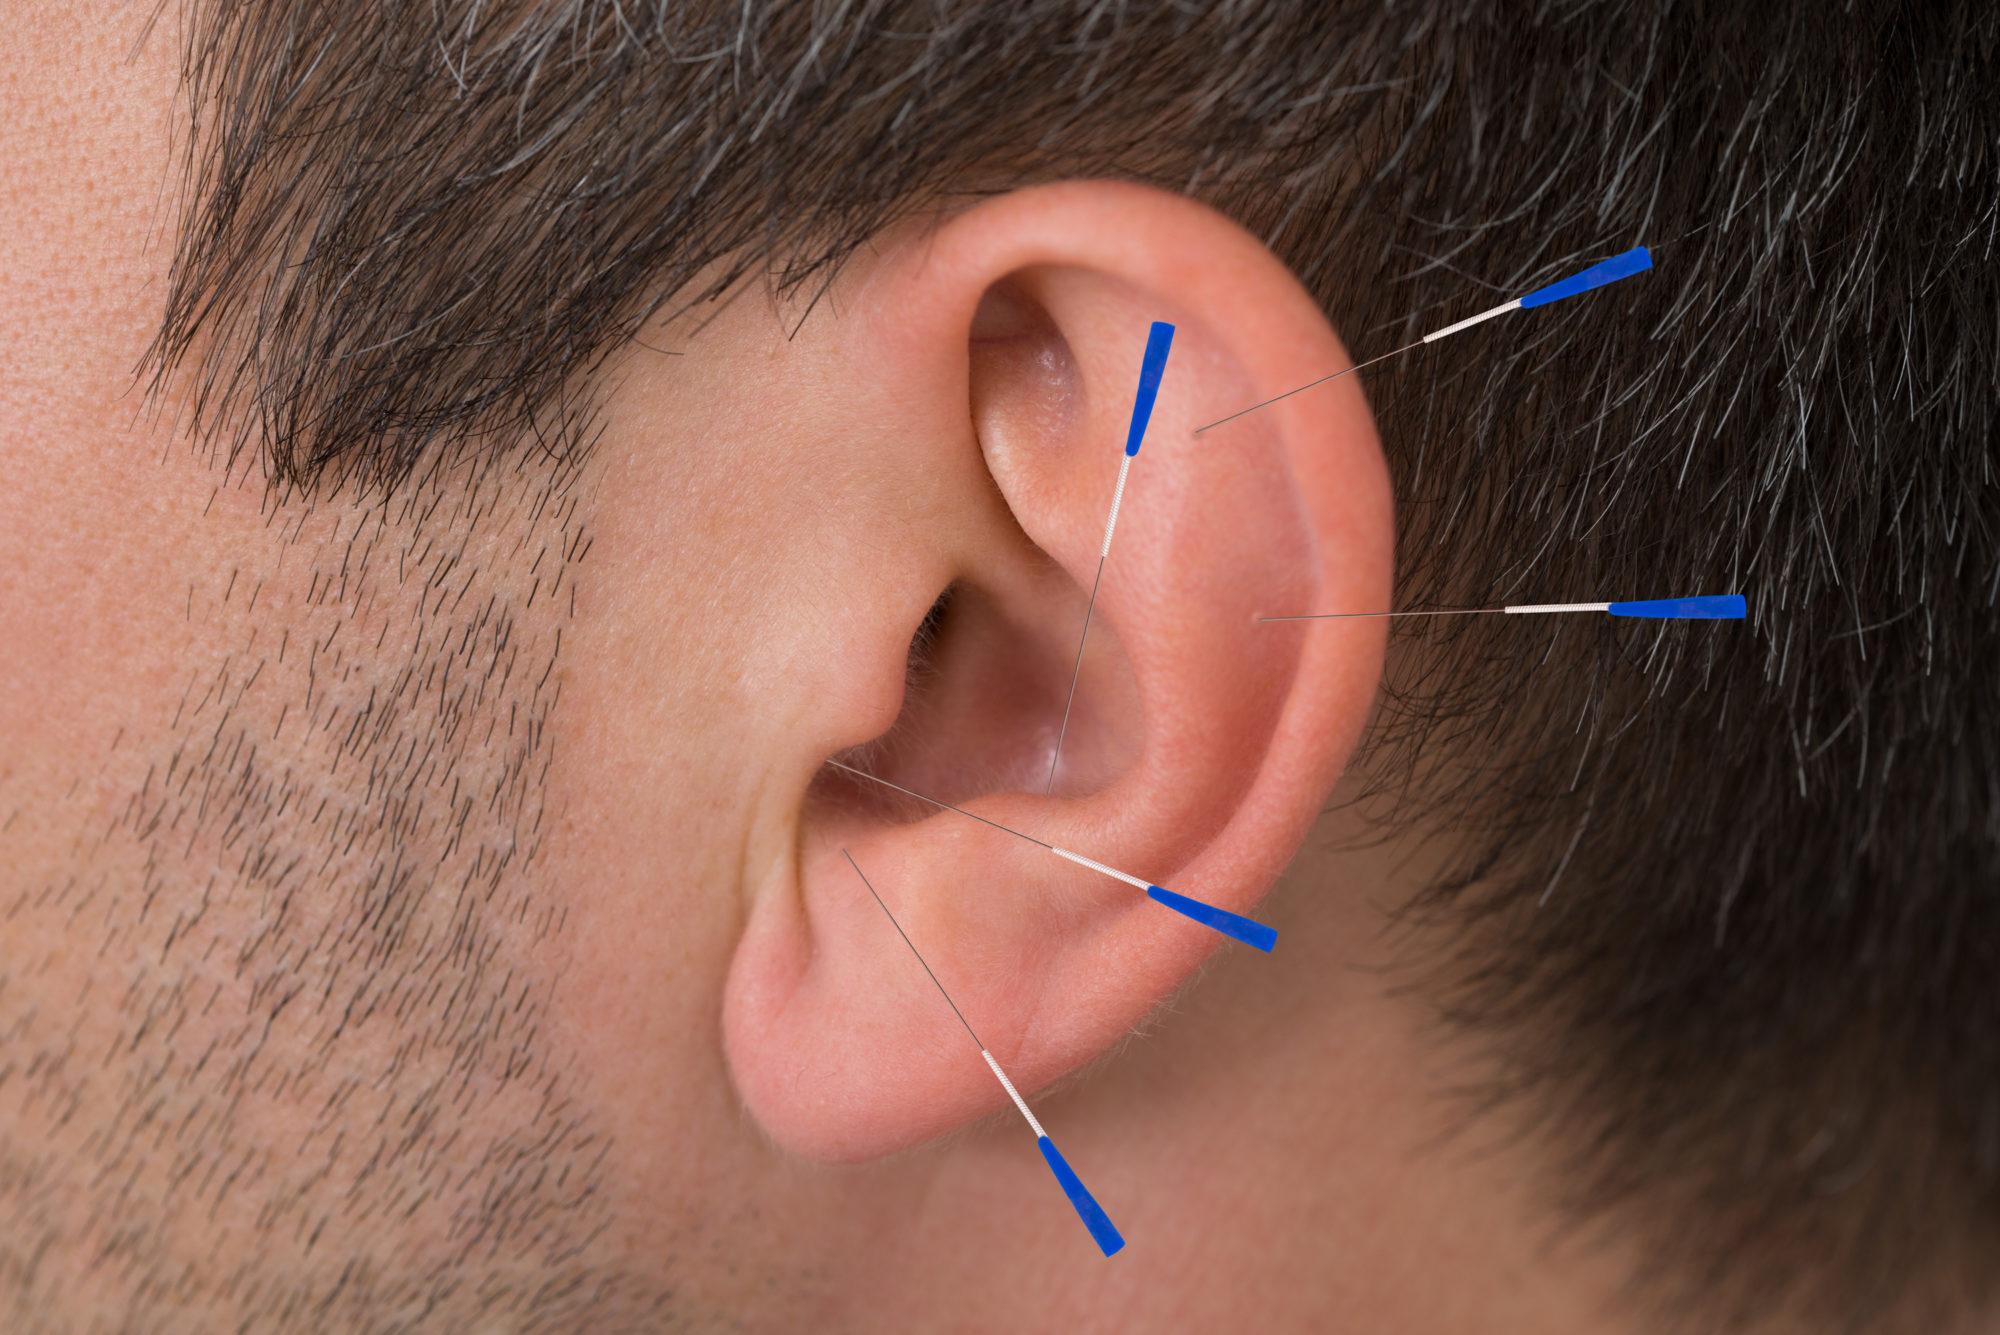 fertility acupuncture treatment for men